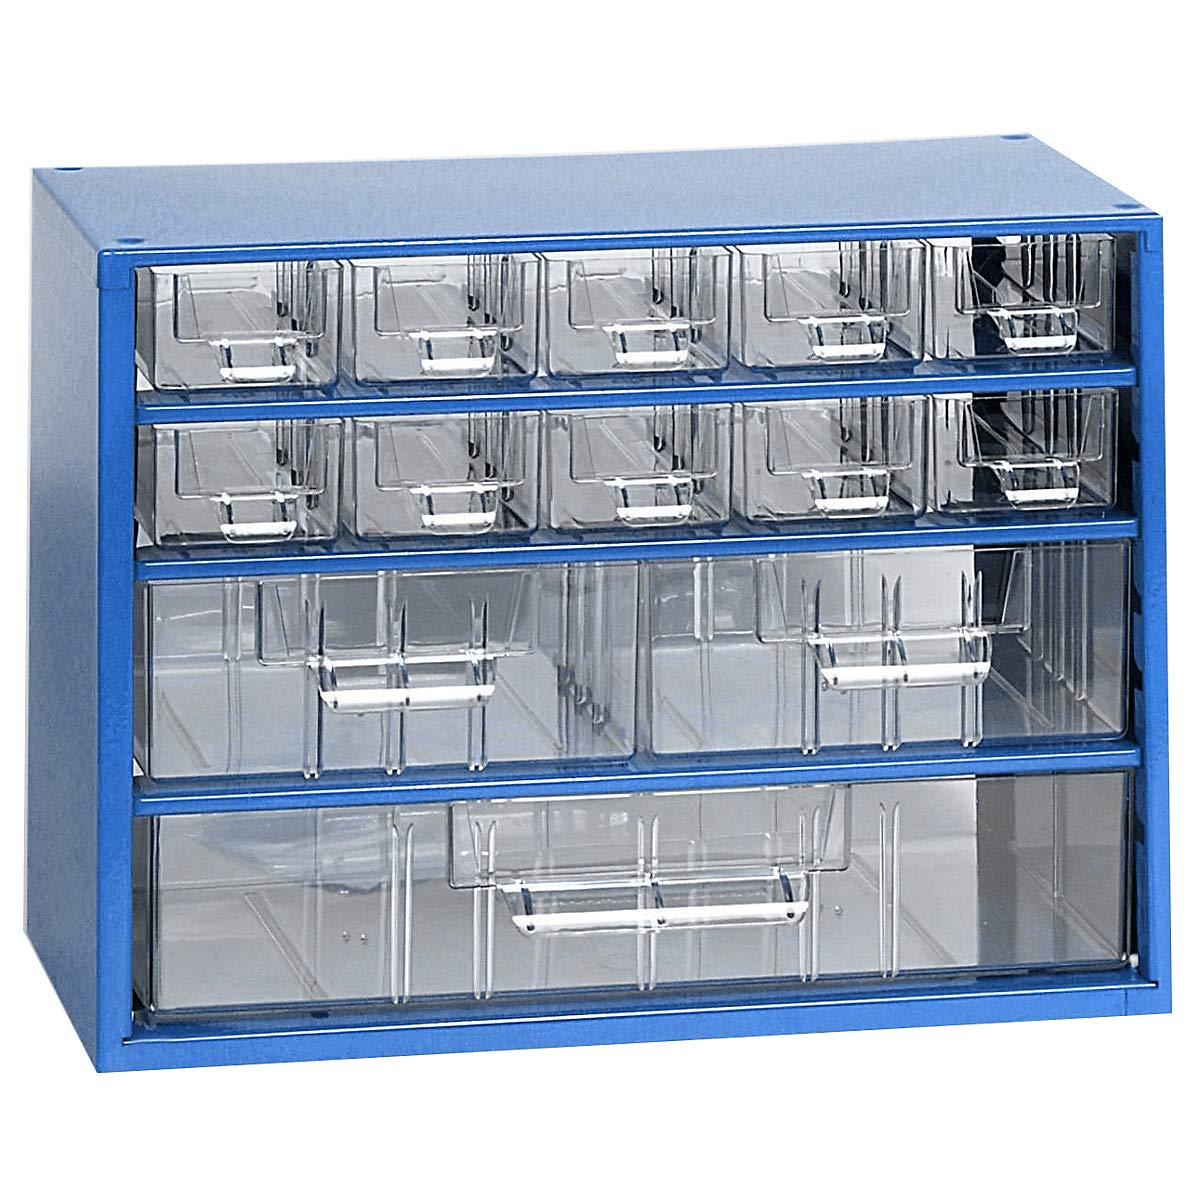 Schubladenmagazin - HxB 238 x 306 mm, 13 Schubladen - lichtblau - Klarsichtmagazin Kleinteilemagazin Lagersystem Magazin Schubladenmagazin Certeo